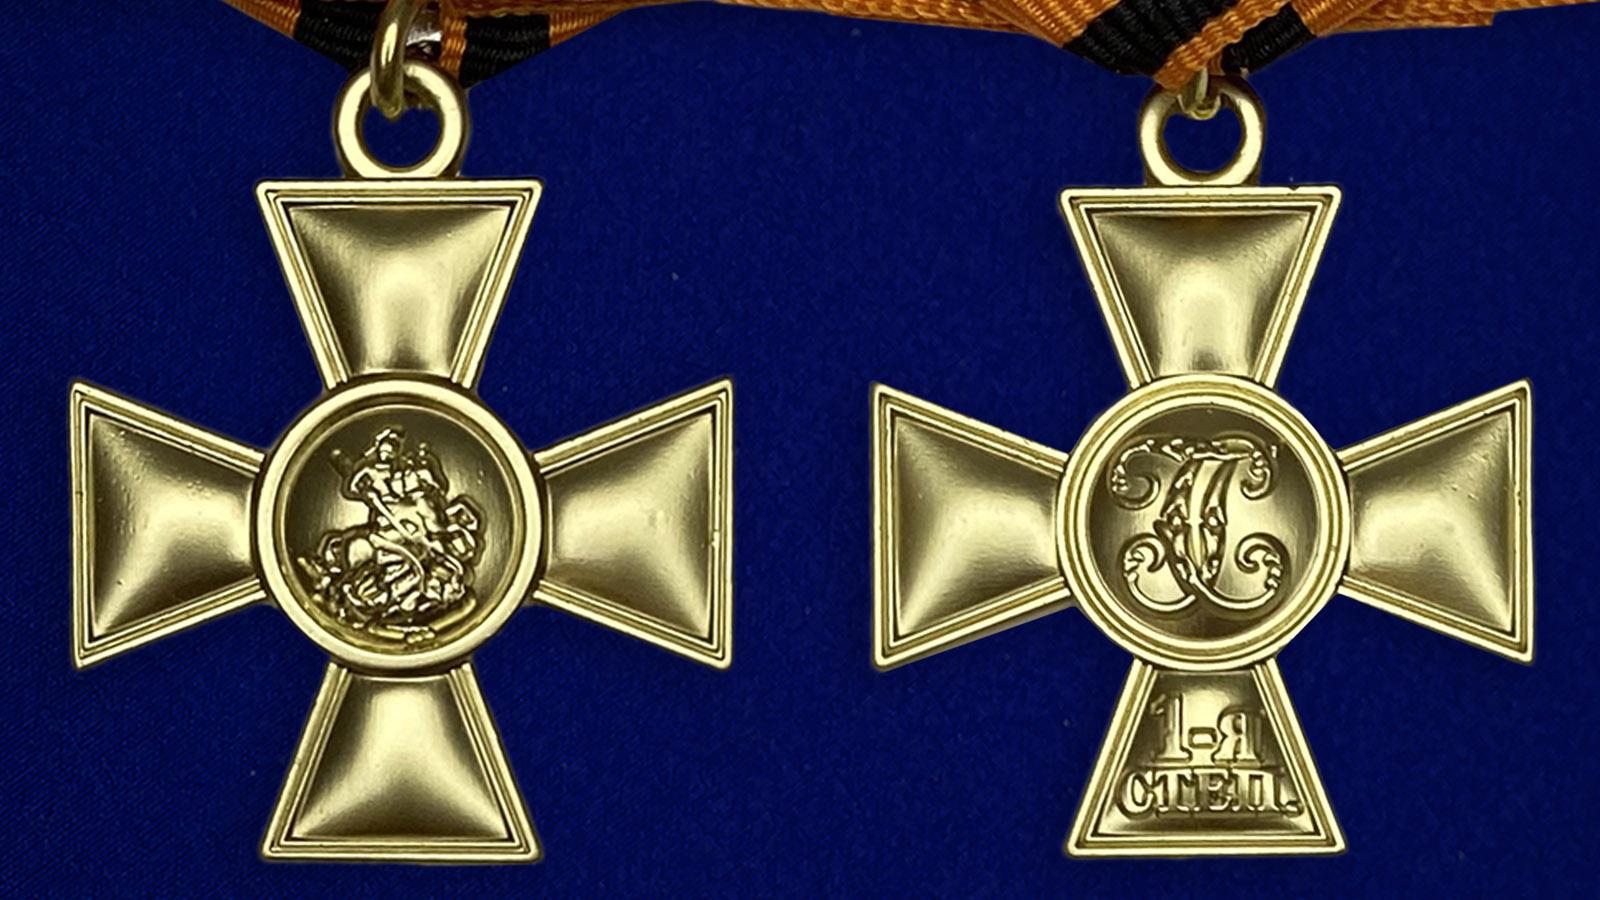 Георгиевский крест 1 степени с бантом - аверс и реверс